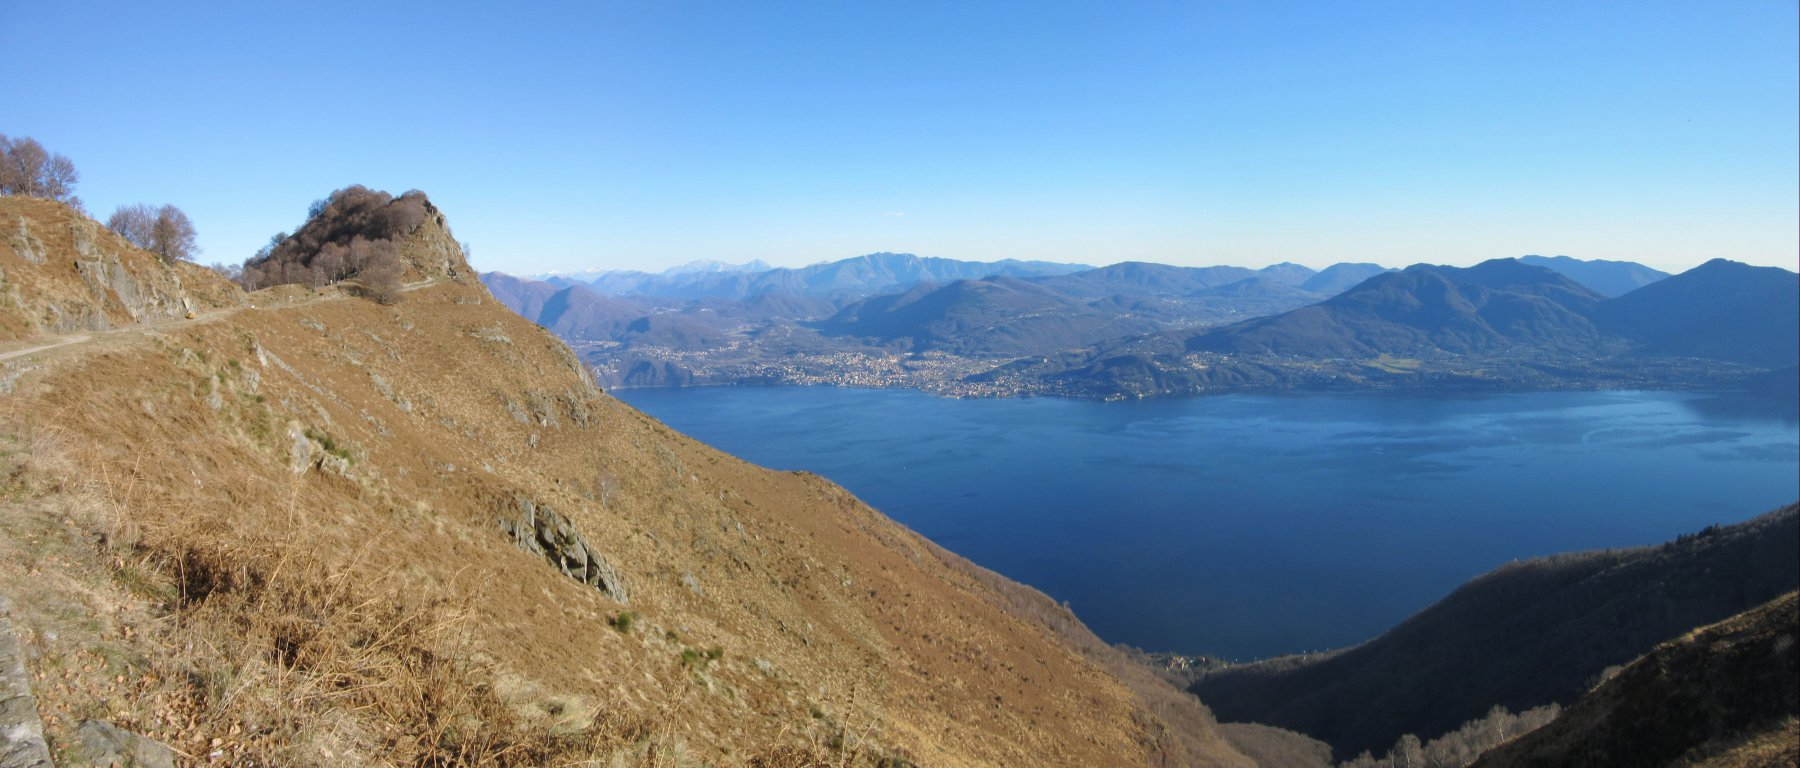 La cima di Morissolo e il lago Maggiore